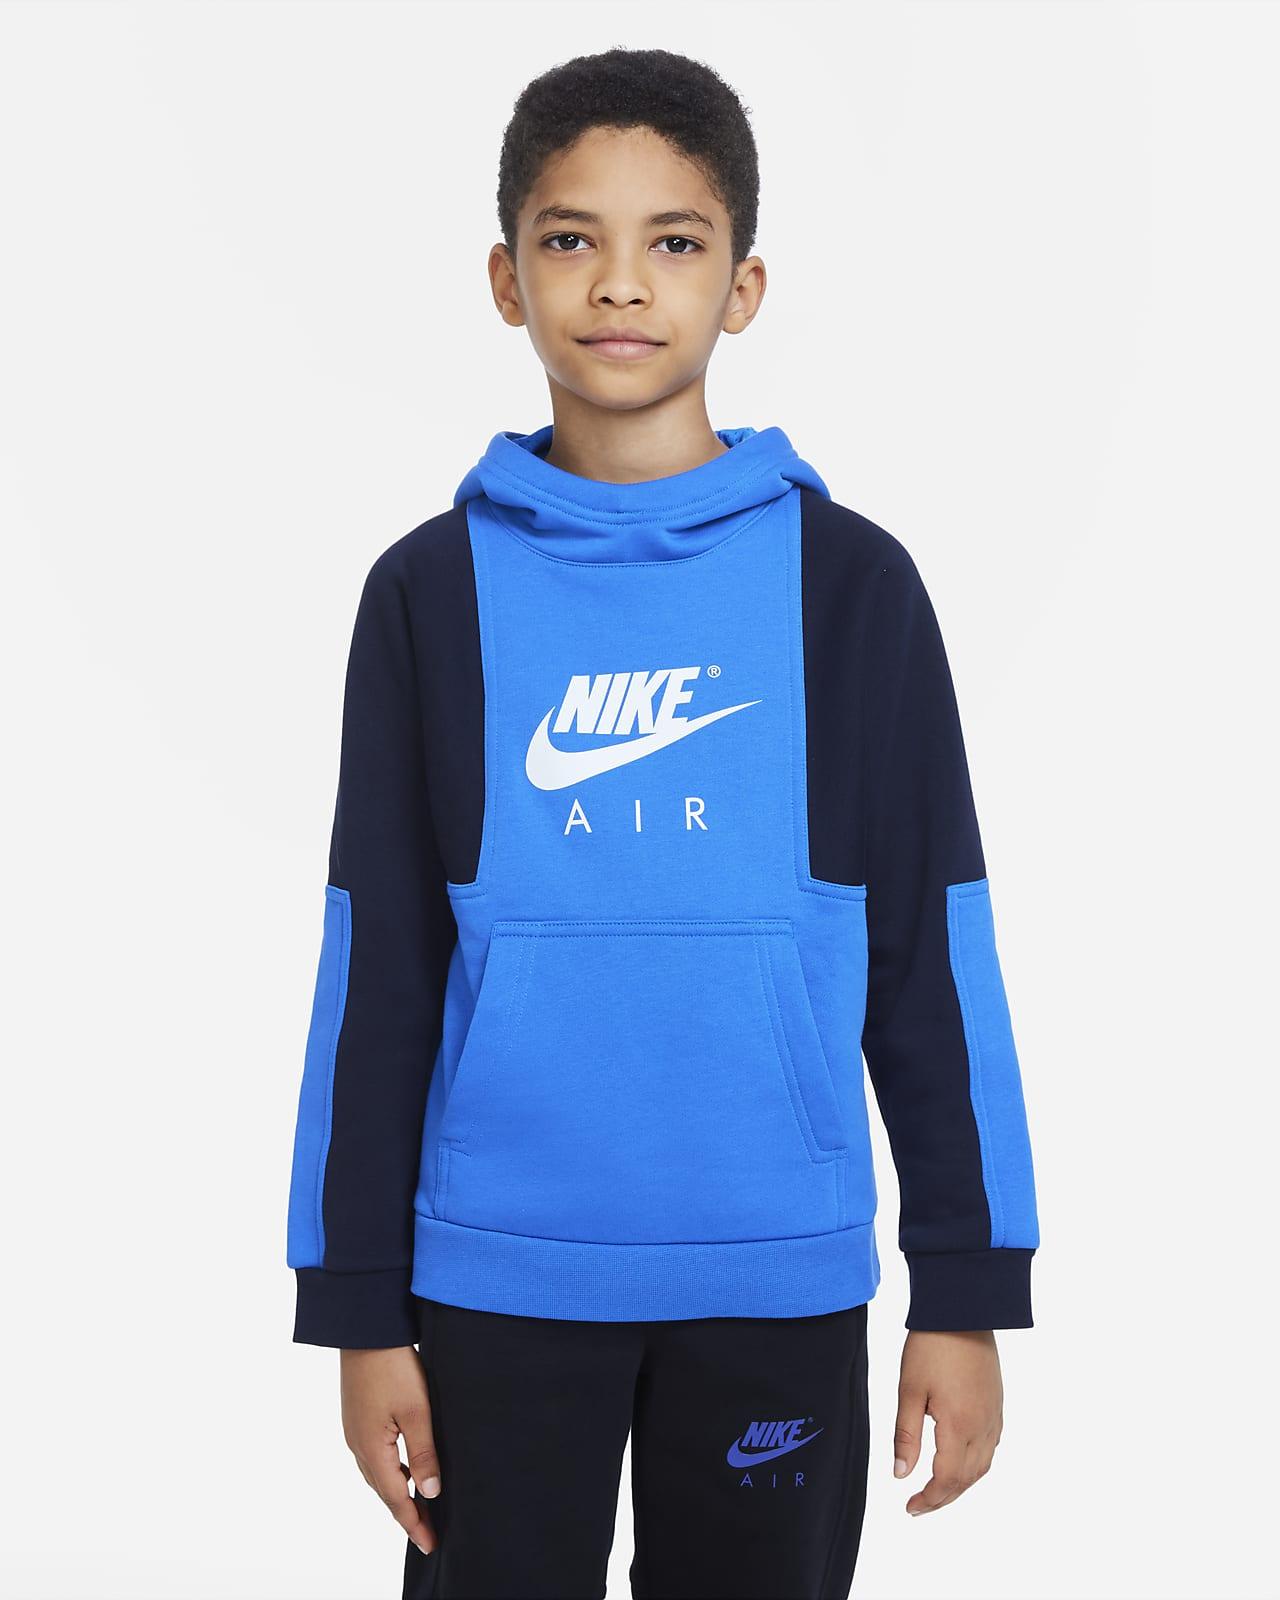 Nike Air-pullover-hættetrøje til større børn (drenge)